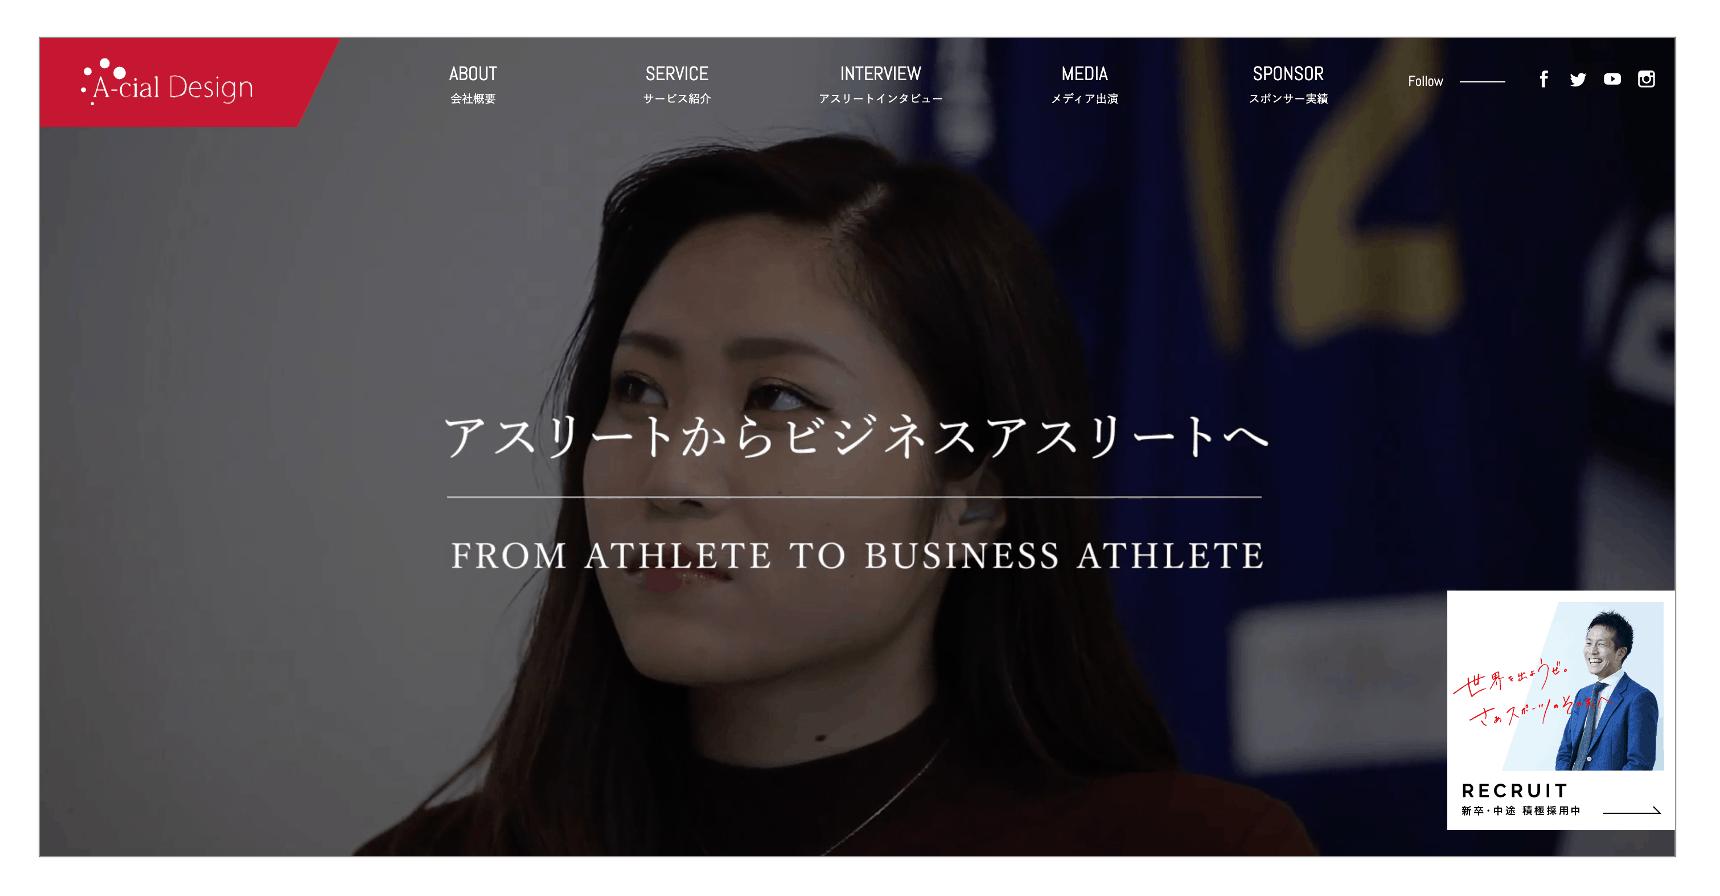 第二新卒におすすめの転職サイト「アーシャルデザイン」